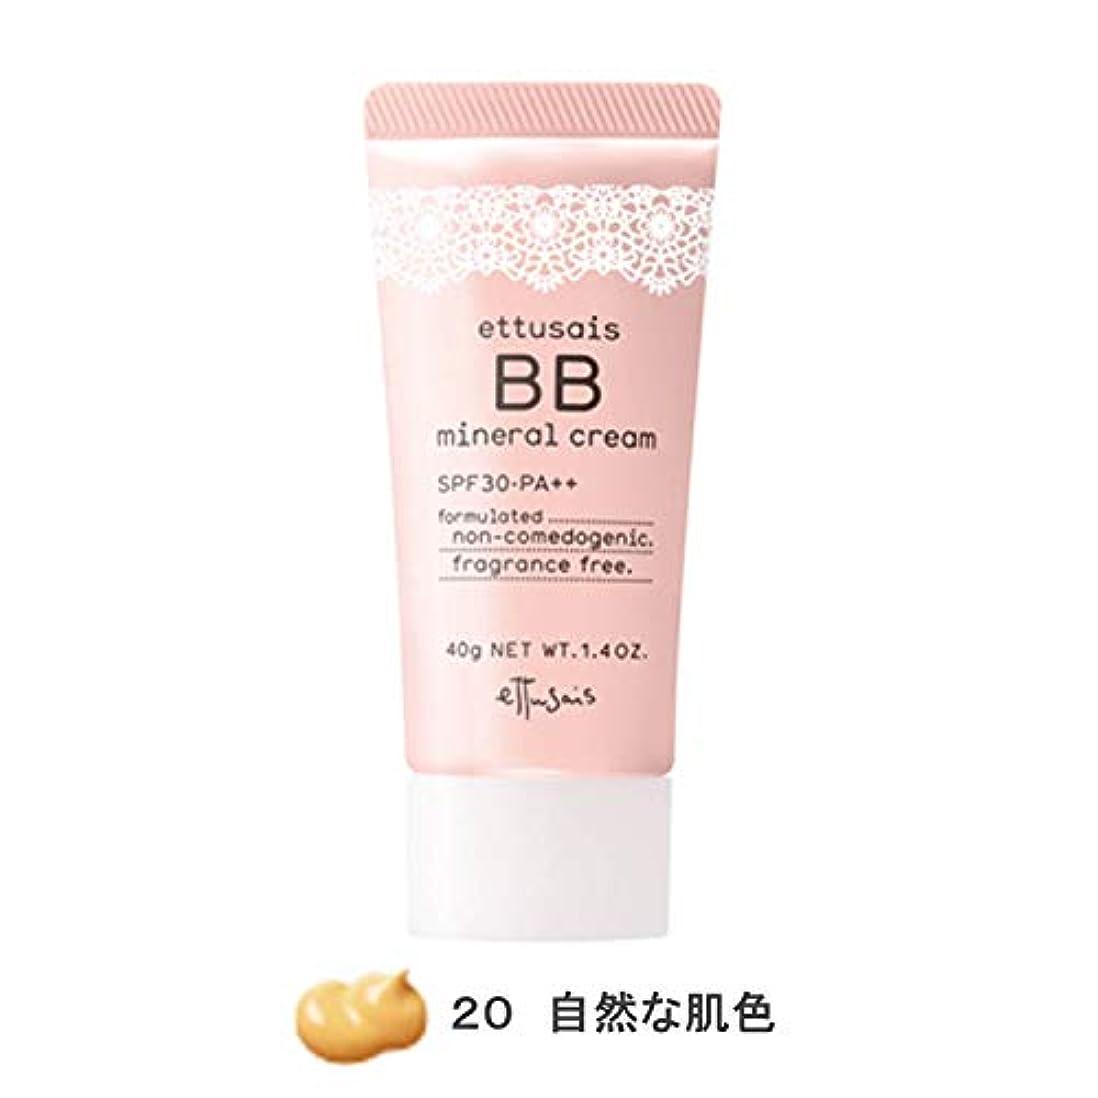 不振良心的グラマーエテュセ BBミネラルクリーム 20(自然な肌色) SPF30?PA++ 40g